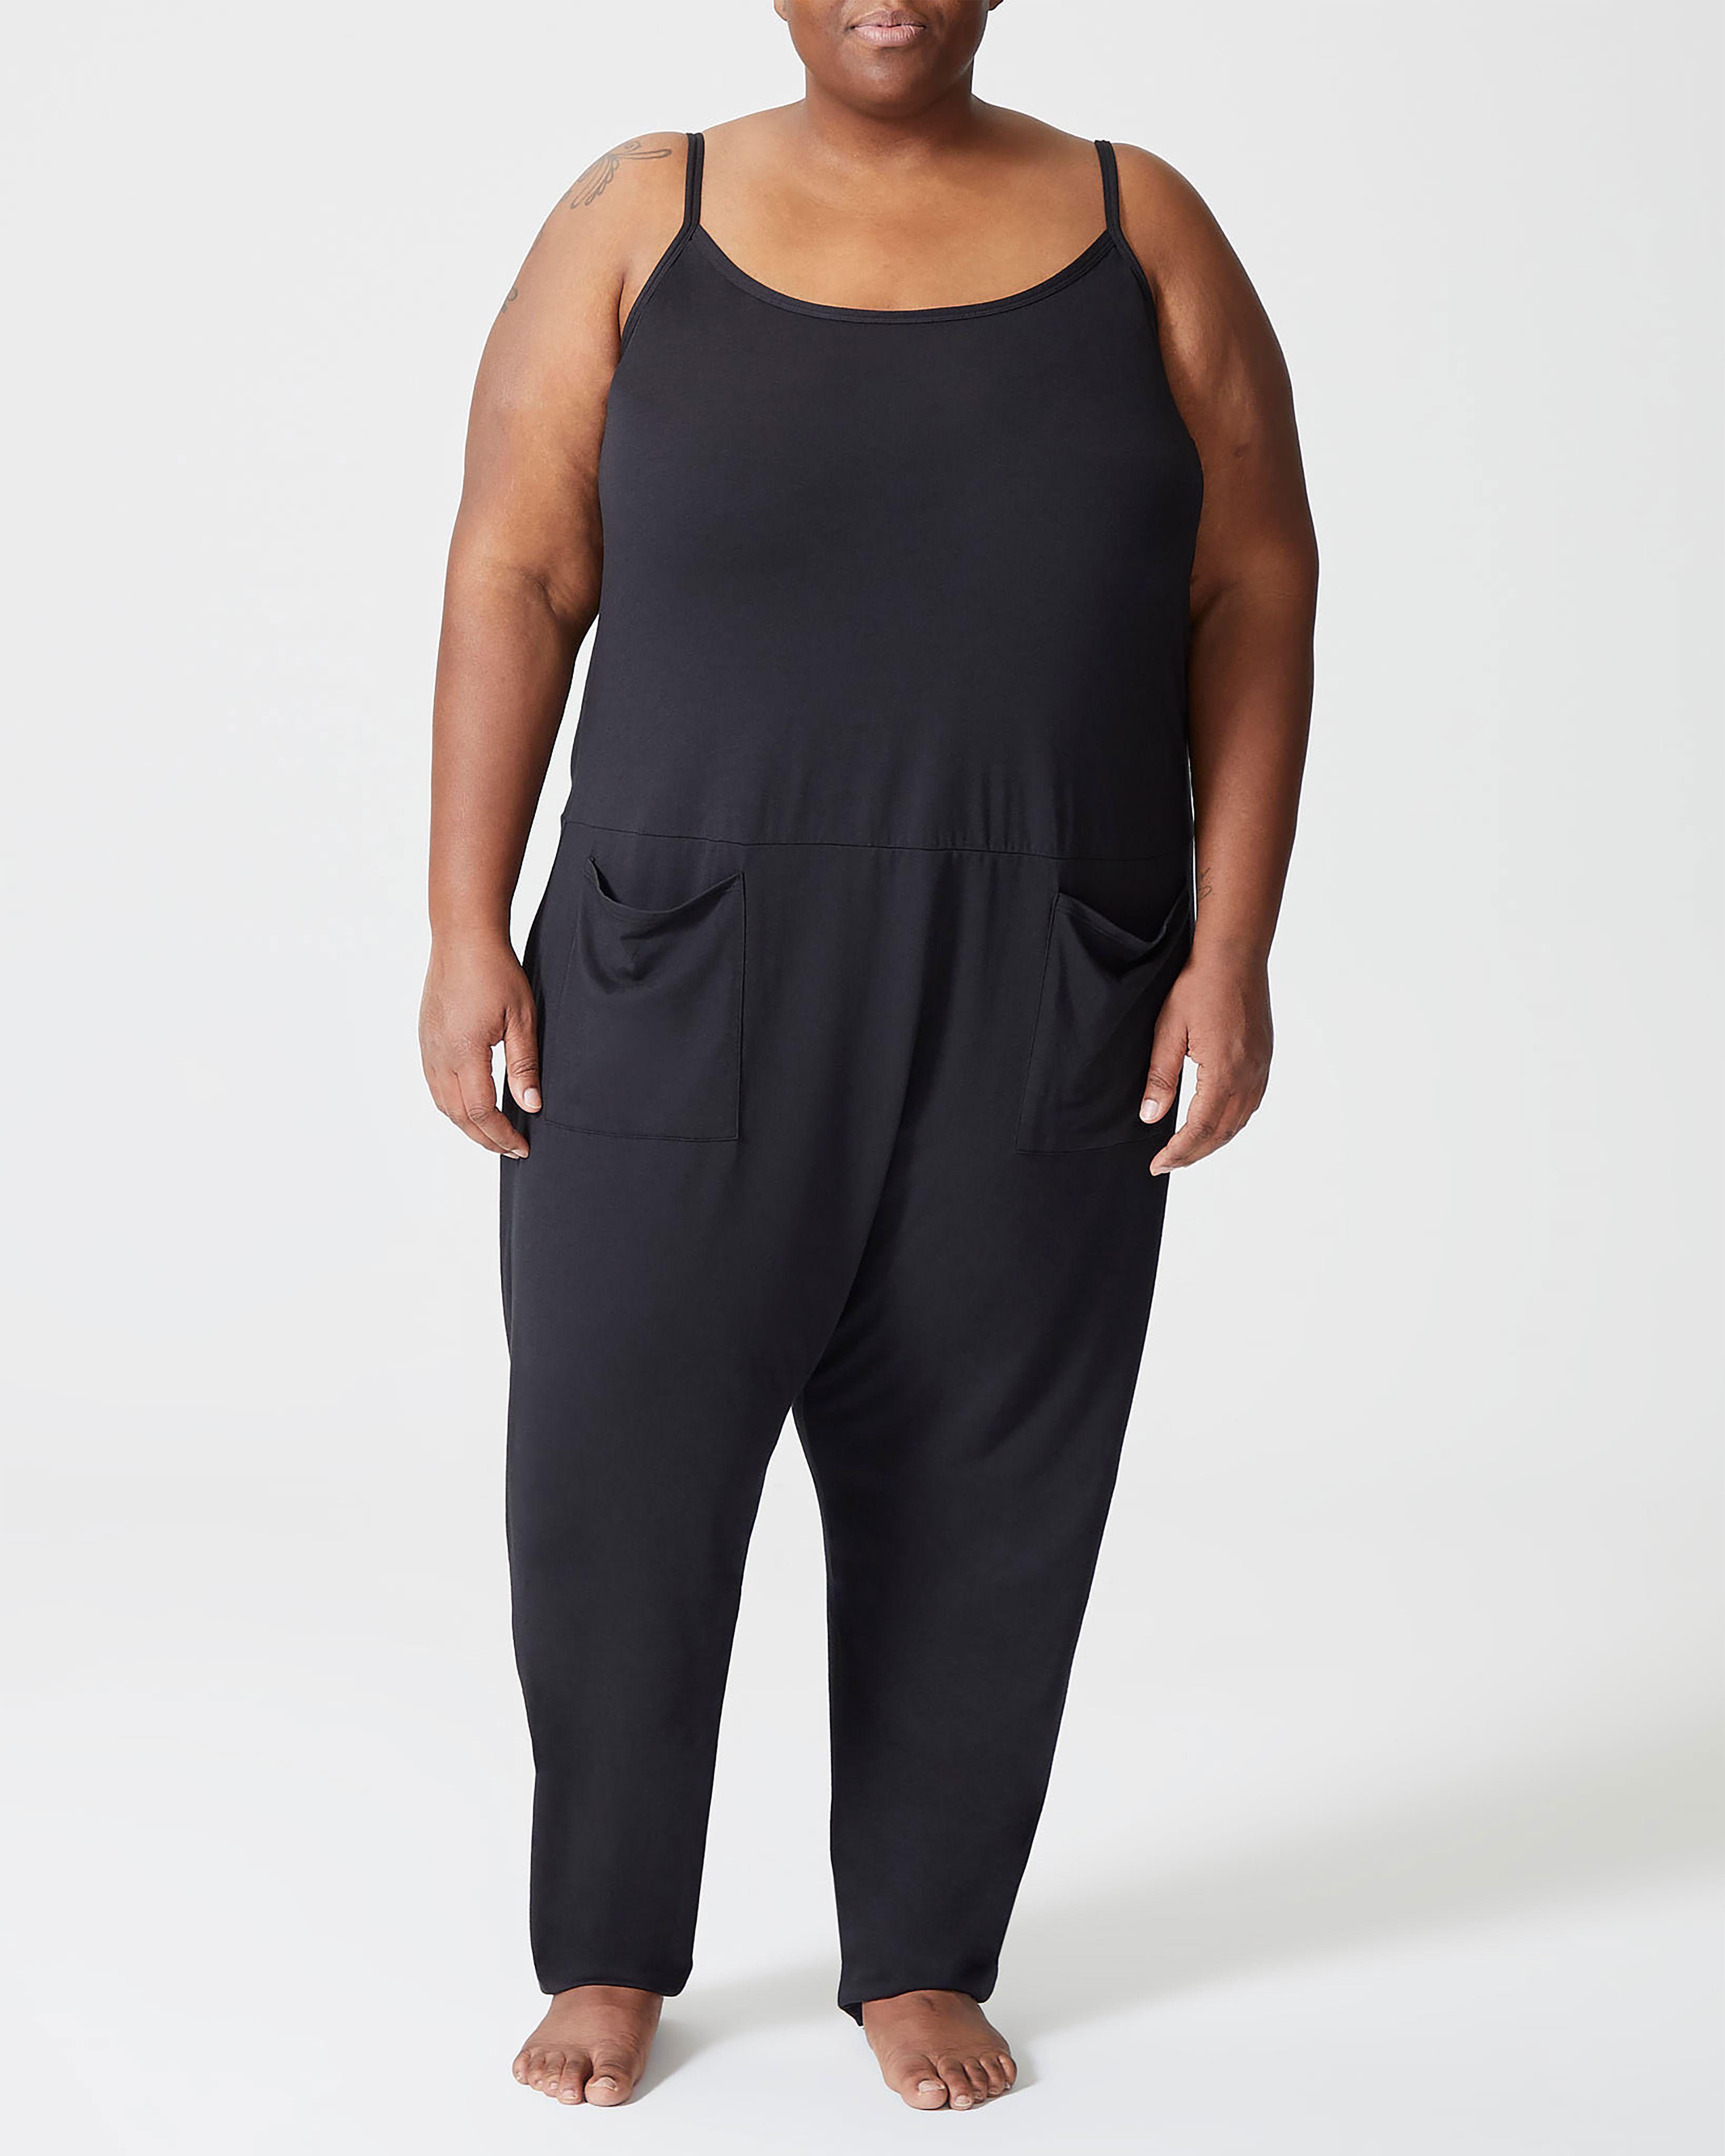 Jackson Sleeveless Jumpsuit - Black